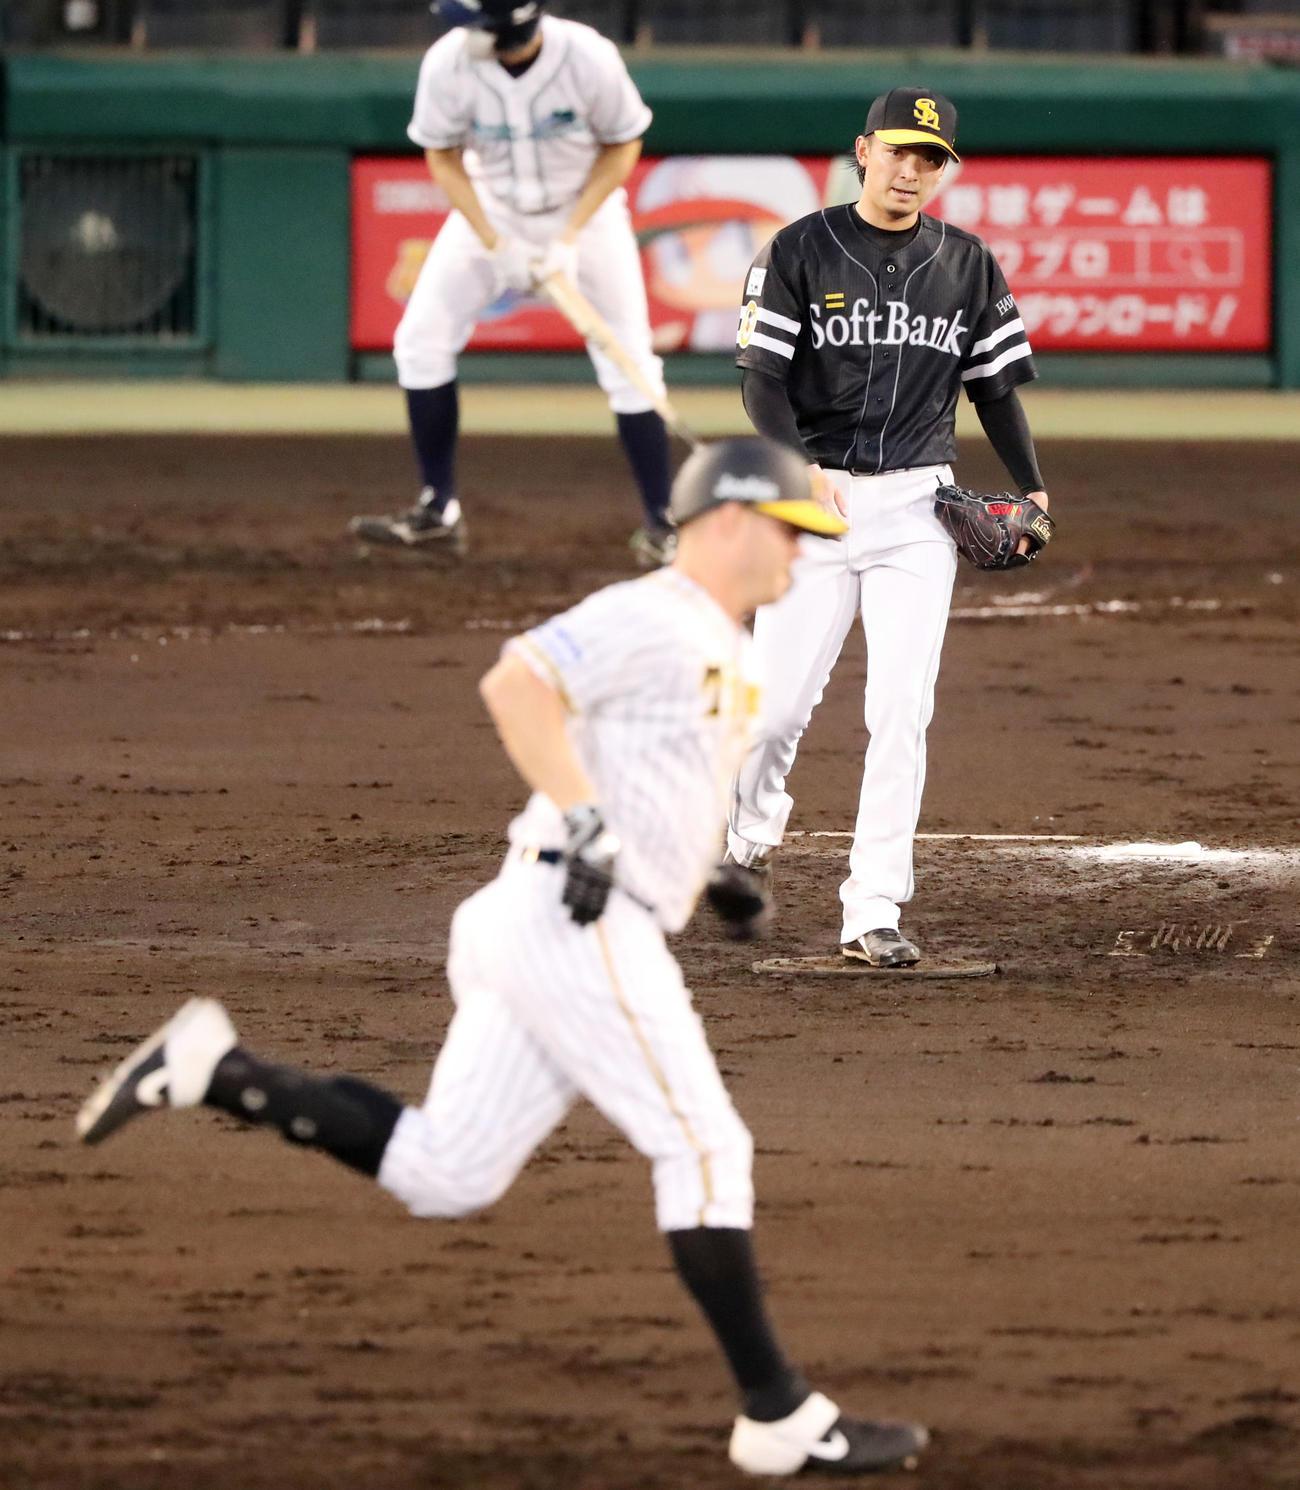 阪神対ソフトバンク 3回裏阪神無死、東浜はサンズに中越え本塁打を被弾(撮影・加藤哉)